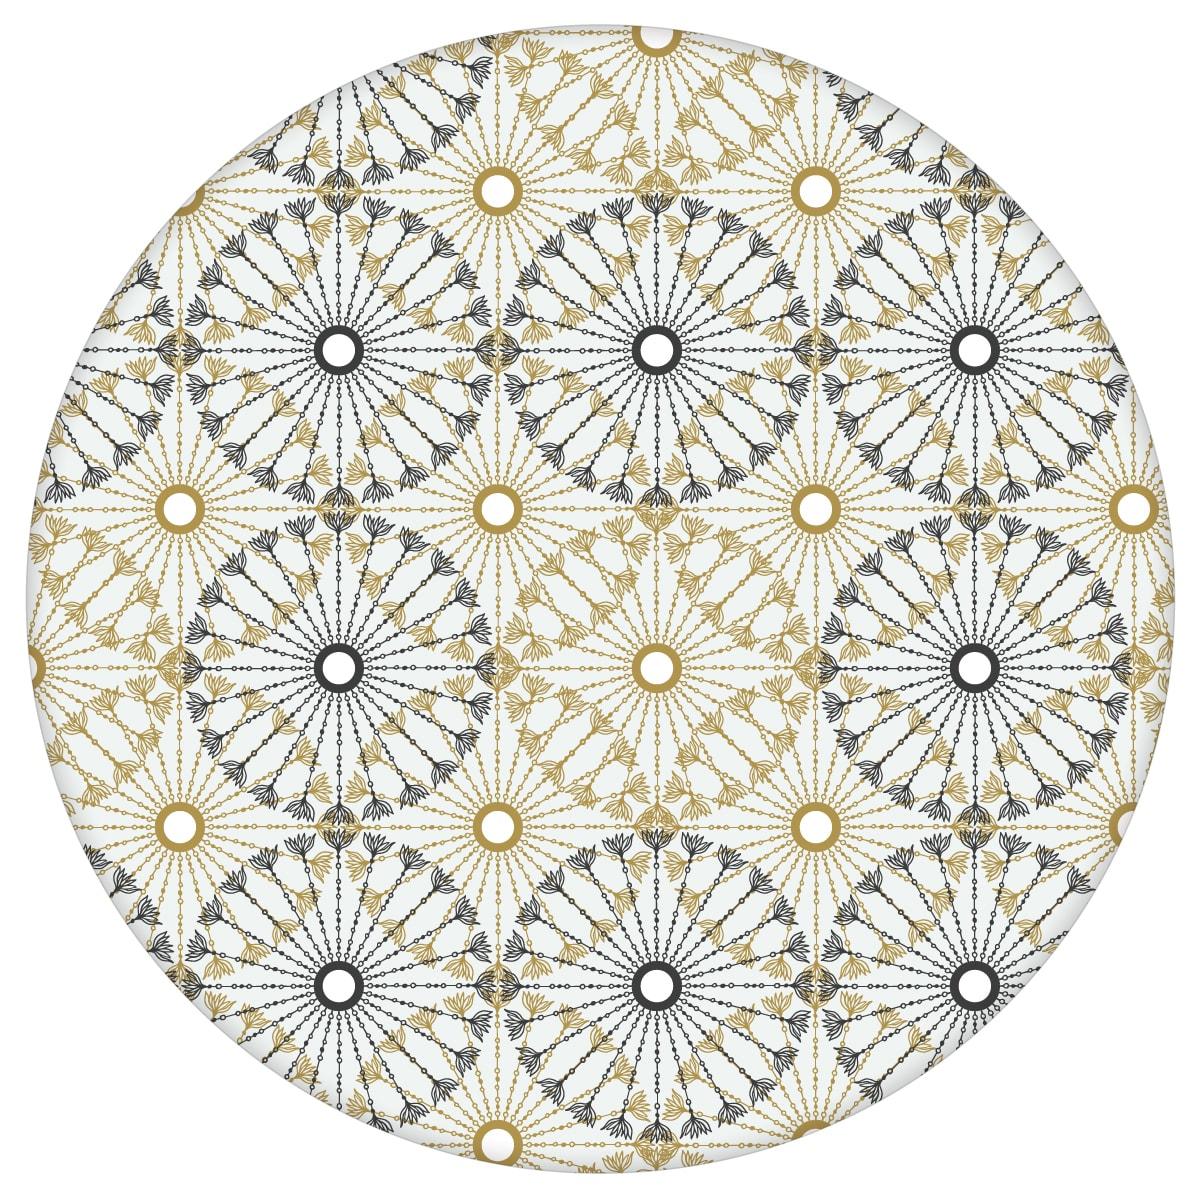 """Moderne Tapete """"Charming Circles"""" mit Pfeil Kreisen, beige schwarze Vlies-Tapete Ornamenttapete für Schlafzimmer aus den Tapeten Neuheiten Exklusive Tapete für schönes Wohnen als Naturaltouch Luxus Vliestapete oder Basic Vliestapete"""